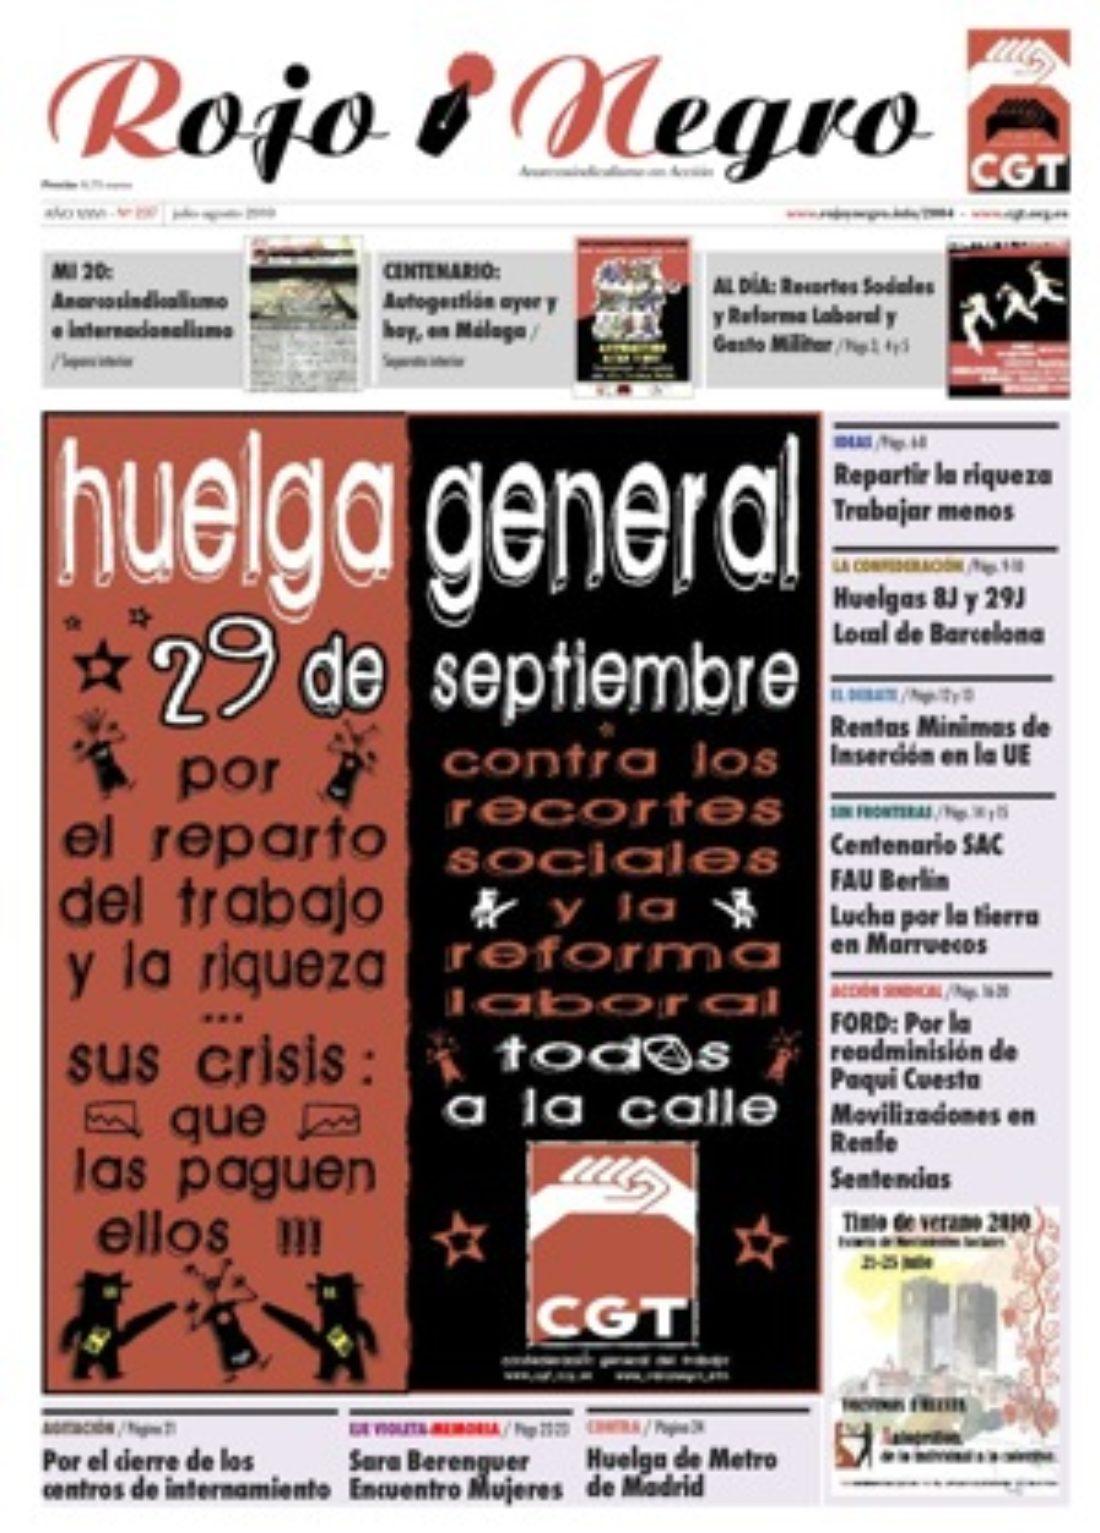 Rojo y Negro 237 – julio y agosto 2010